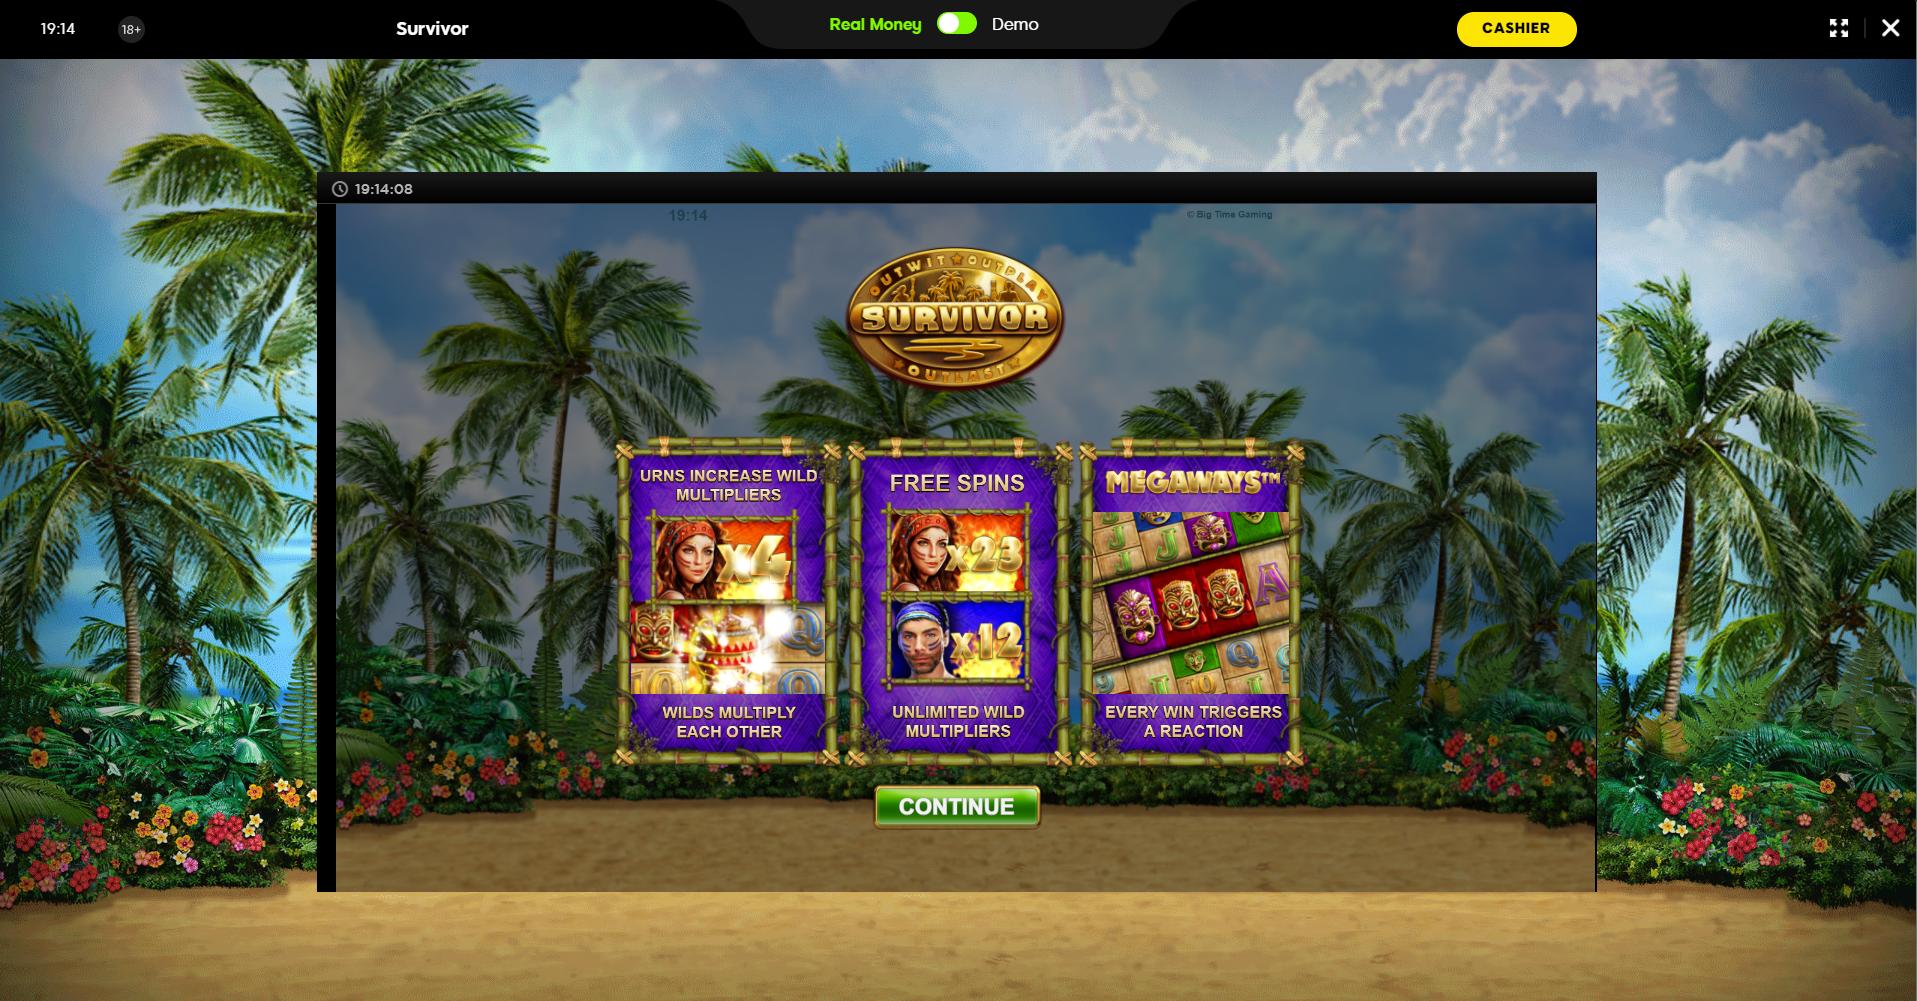 888 casino slots lošimo automatai survivor megaways big time gaming tropinė sala palmė paplūdimys smėlis